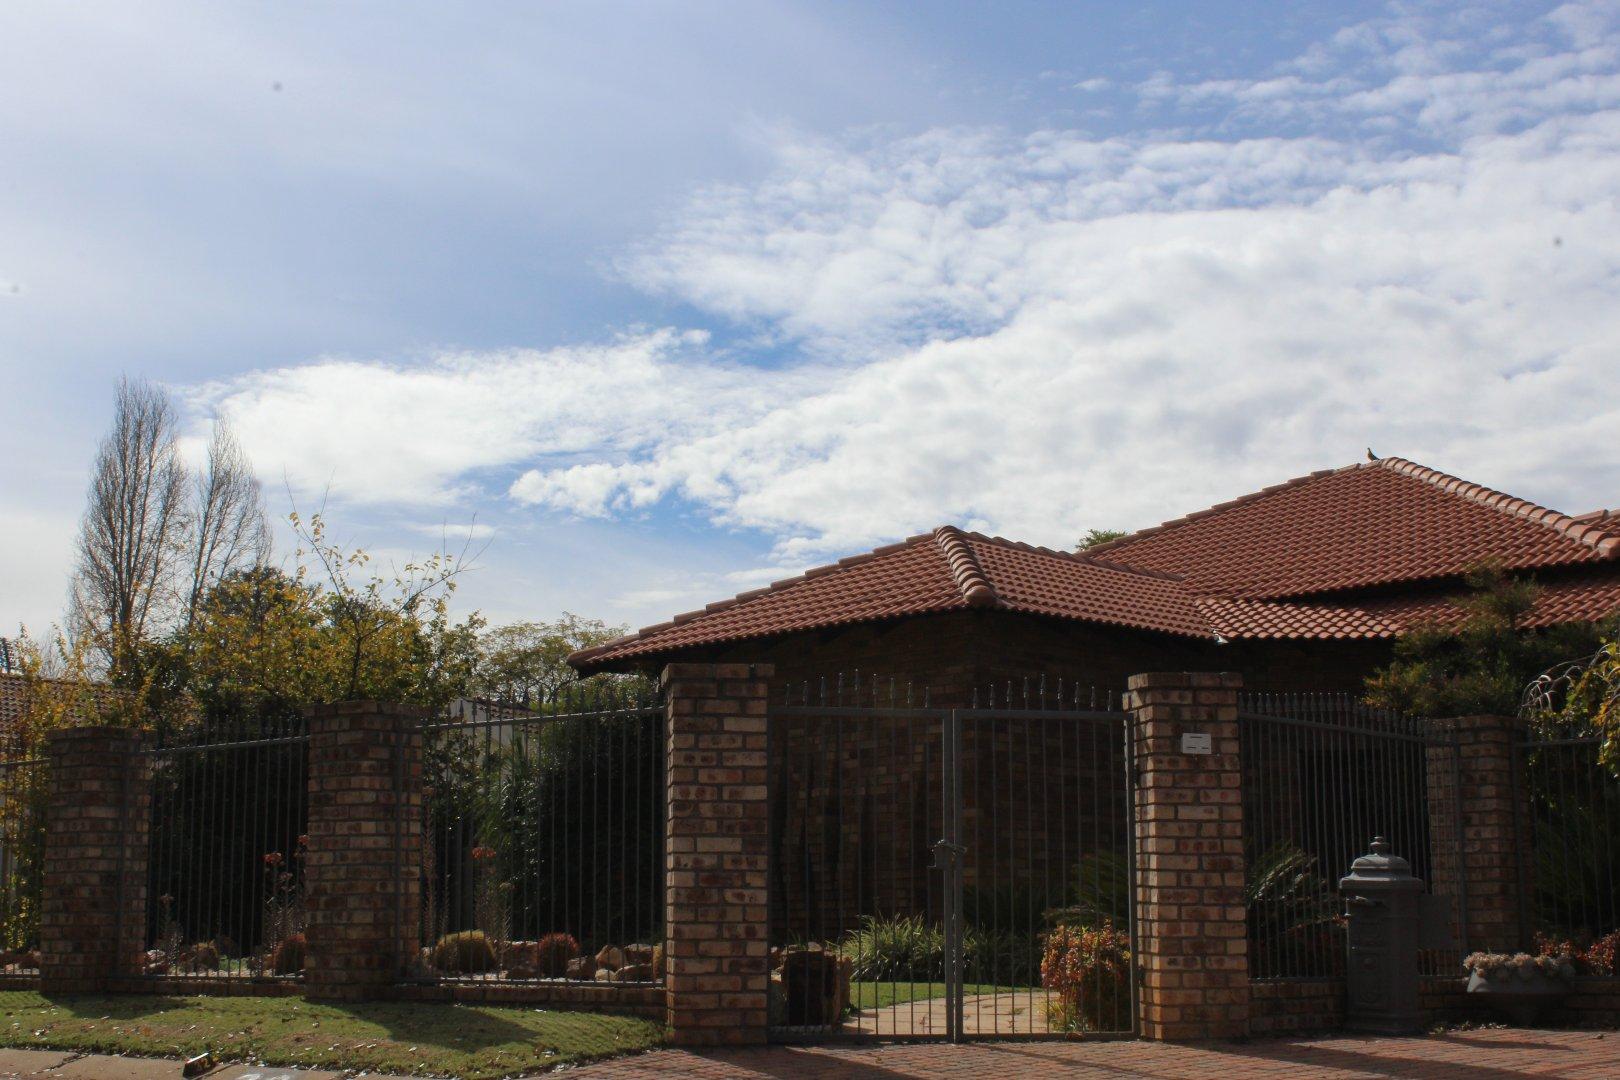 Potchefstroom, Heilige Akker Property  | Houses For Sale Heilige Akker, Heilige Akker, House 3 bedrooms property for sale Price:2,495,000